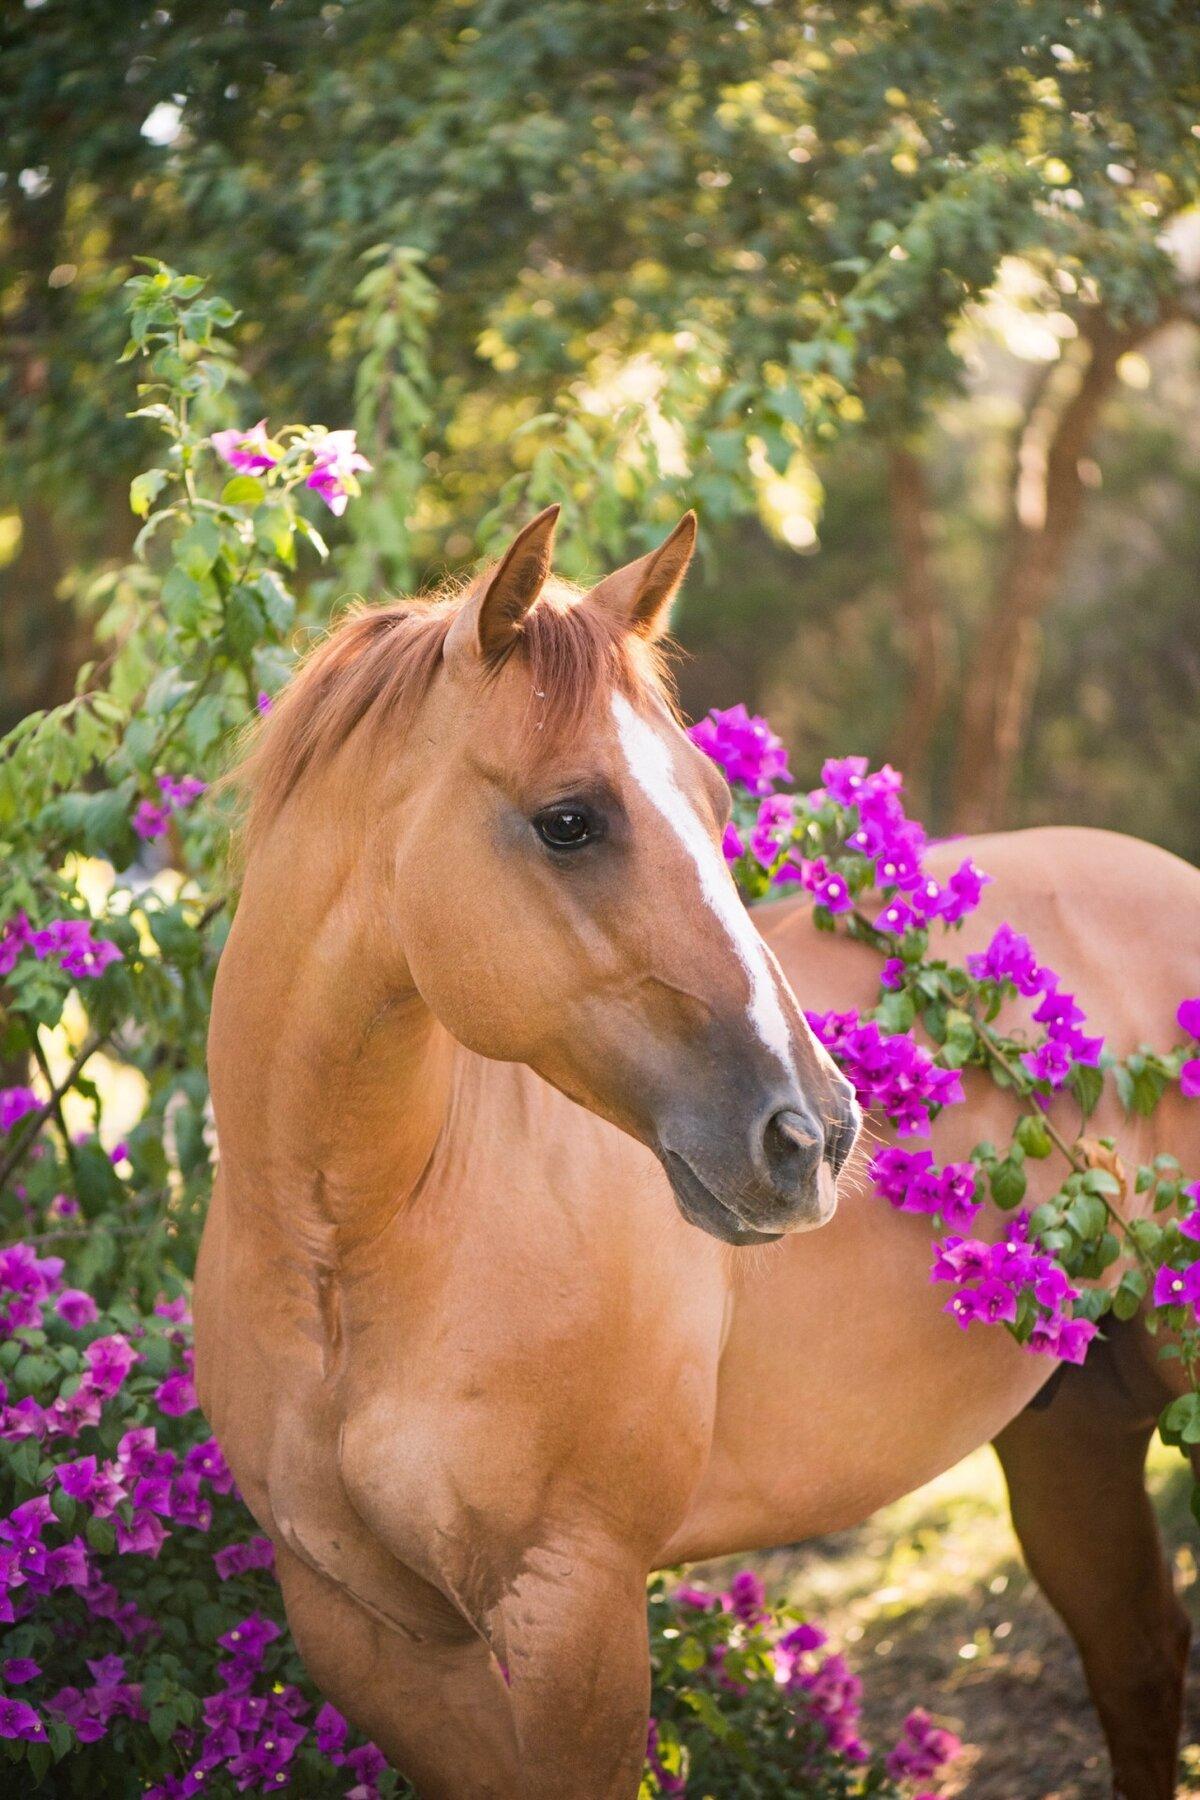 картинка с лошадью доступа происходит